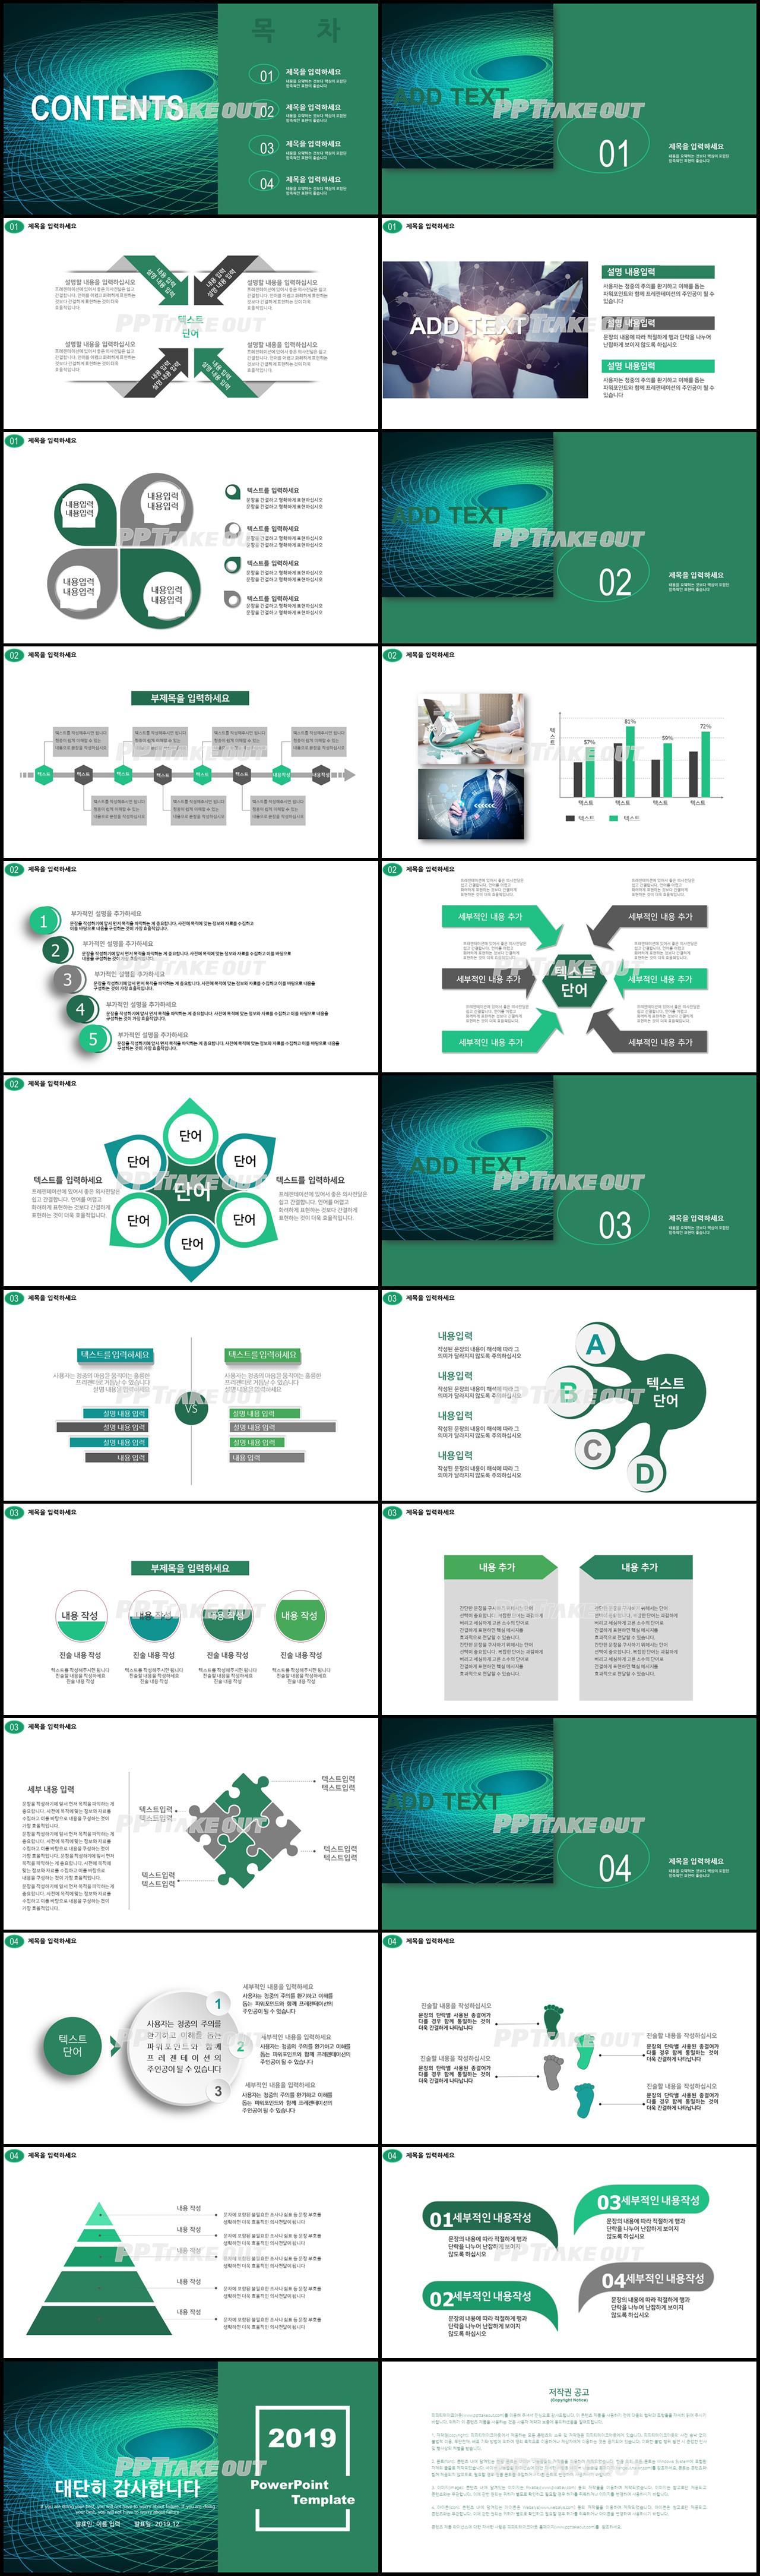 업무보고 초록색 세련된 다양한 주제에 어울리는 PPT서식 디자인 상세보기